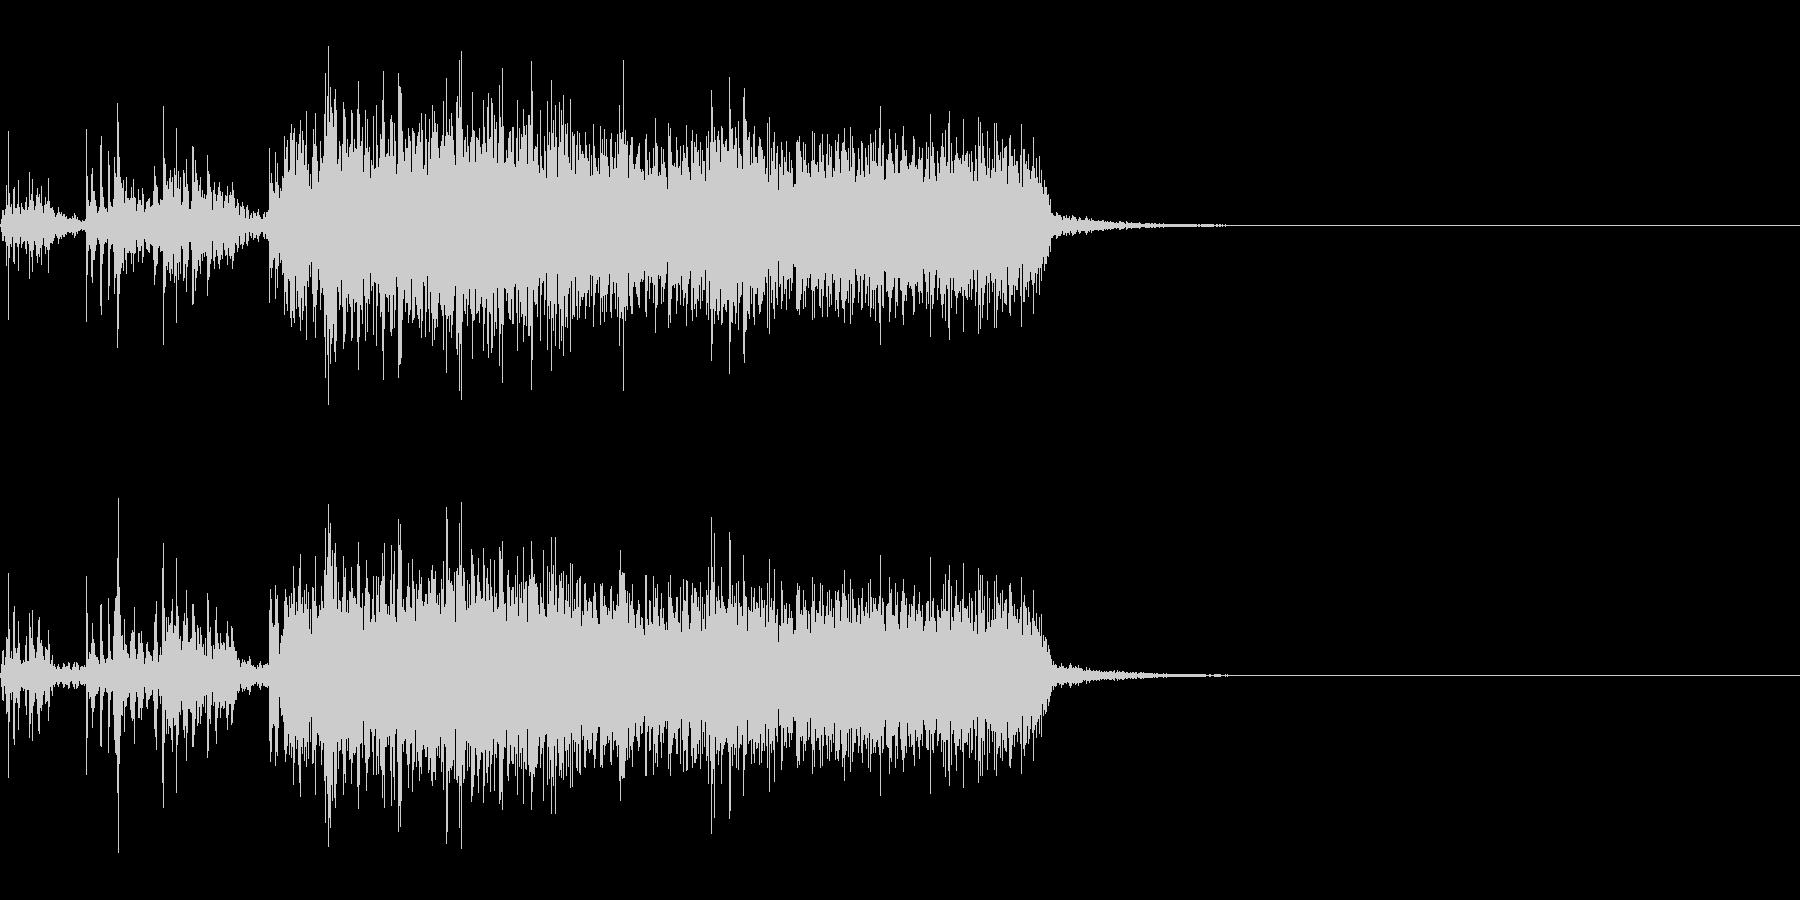 スパーク音-32の未再生の波形